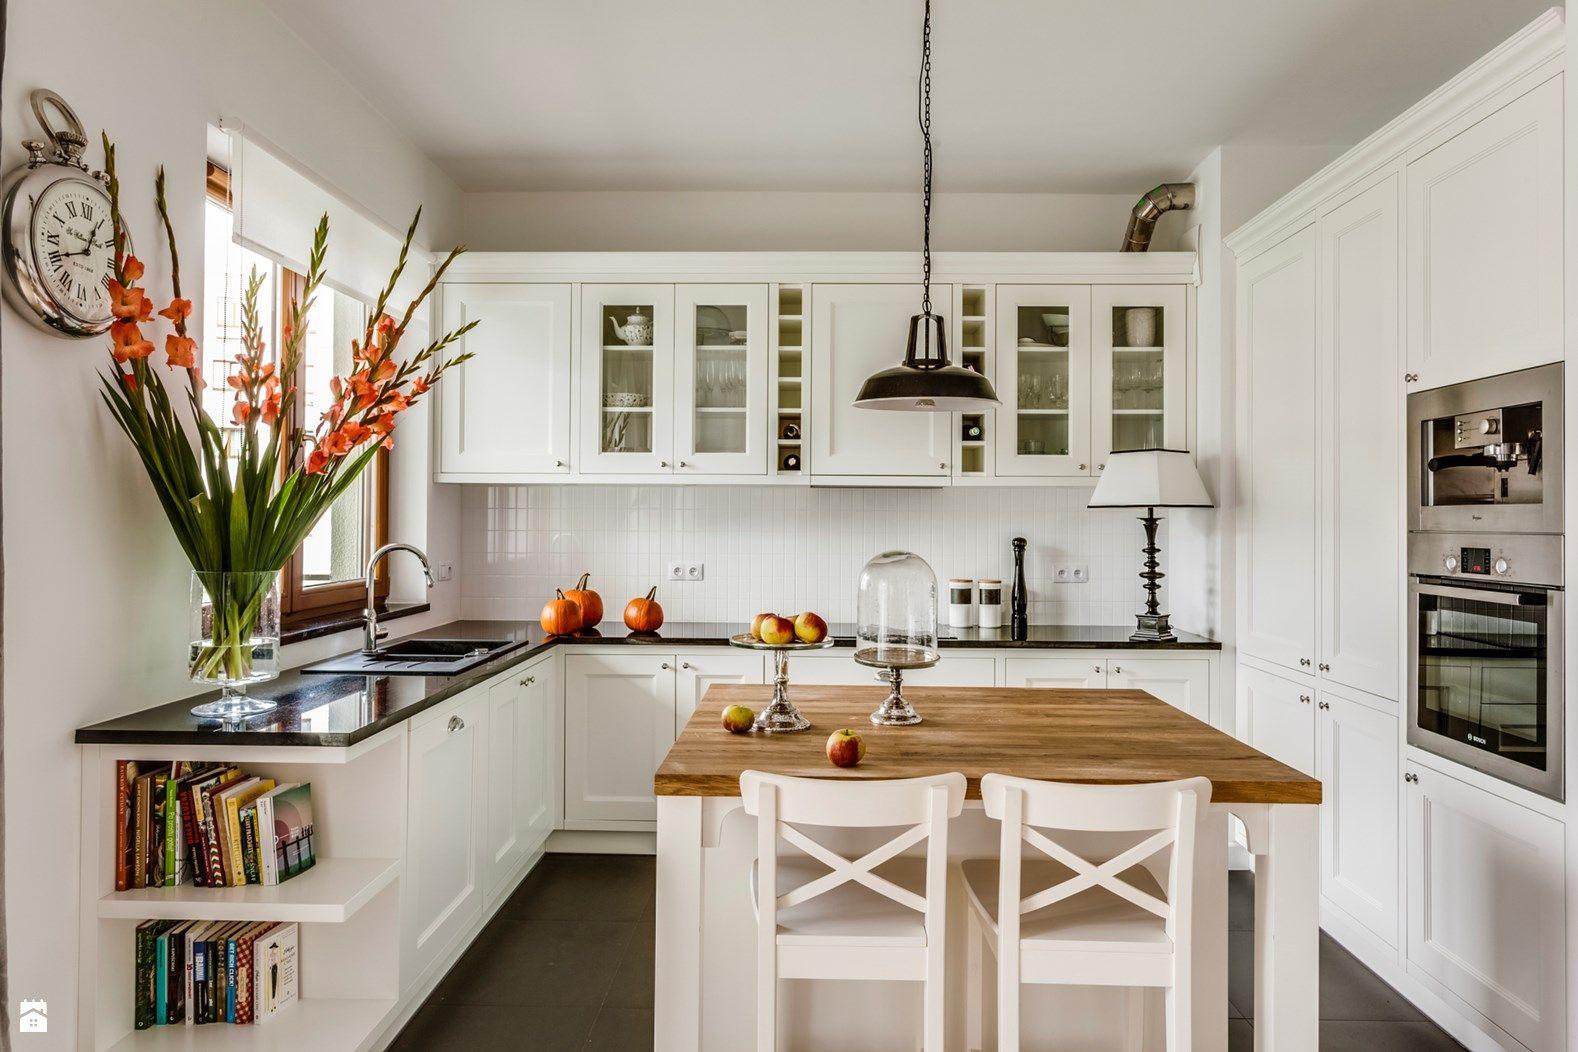 Zdjecie Kuchnia Styl Prowansalski Classic Kitchen Design Kitchen Design Country Kitchen